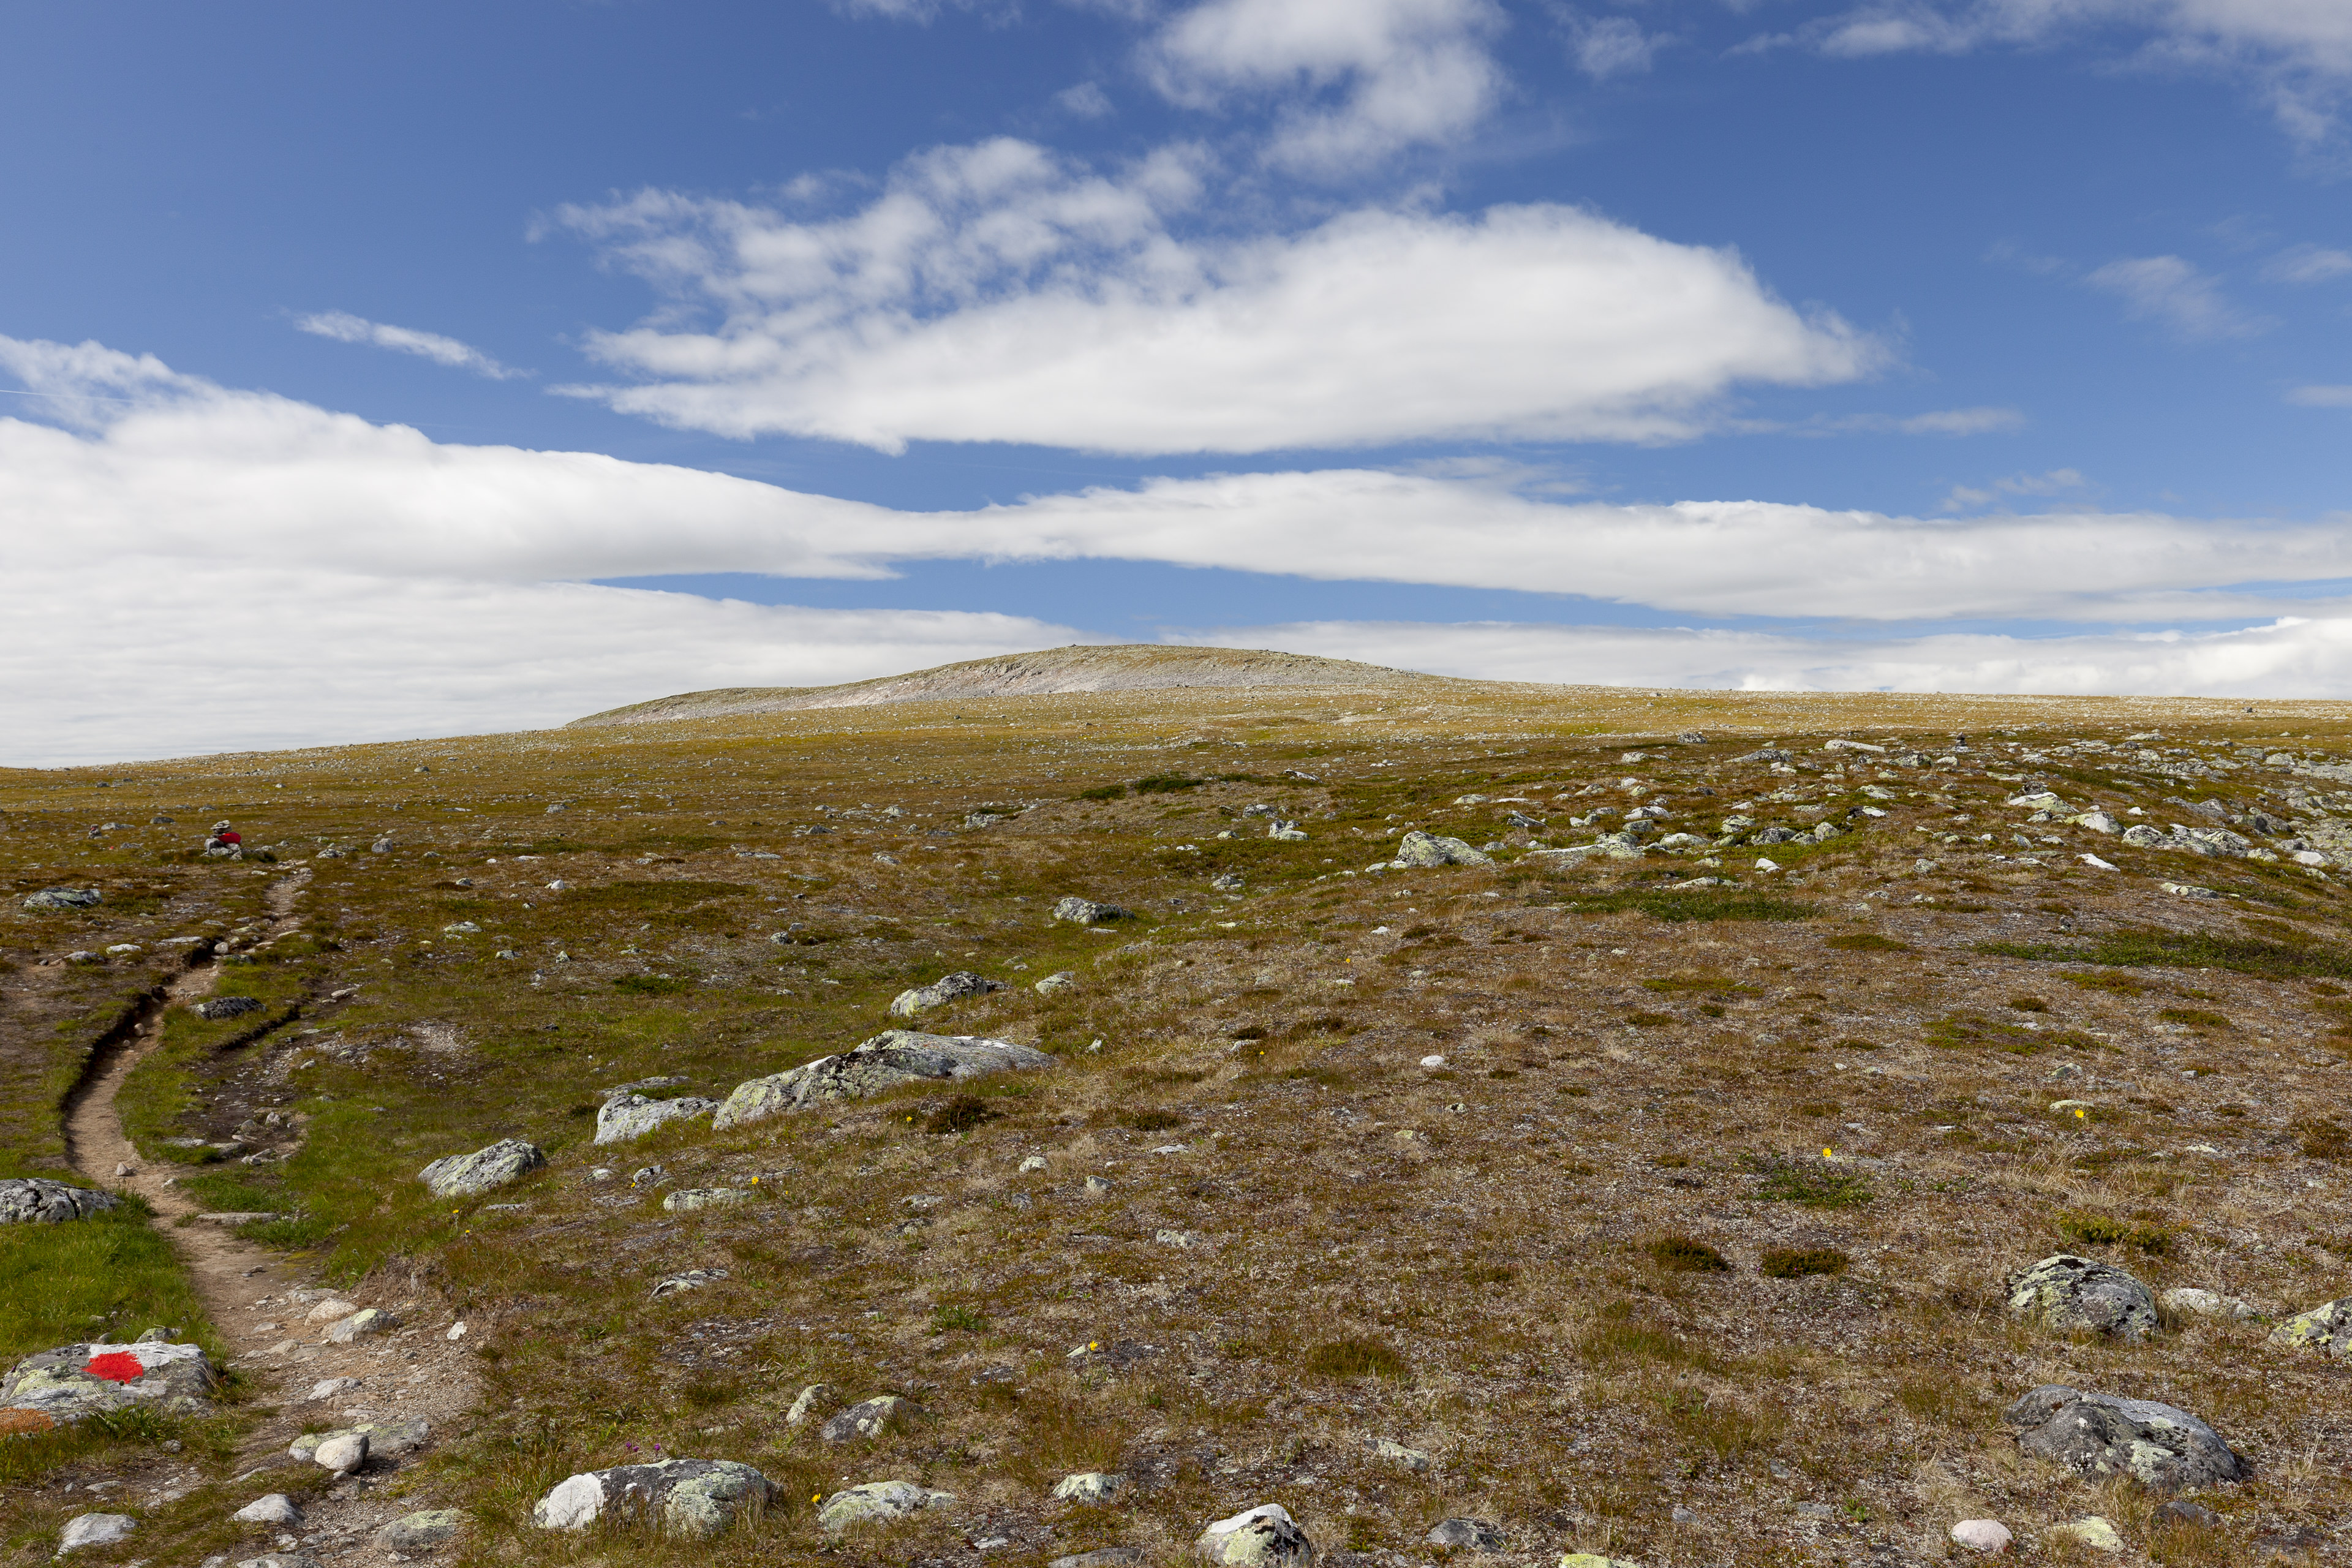 Hier verlassen wir den Kungsleden,©Markus Proske—Canon EOS 5D Mark II, EF16-35mm f/4L IS USM, 35mm, 1/100s, Blende 11, ISO 200